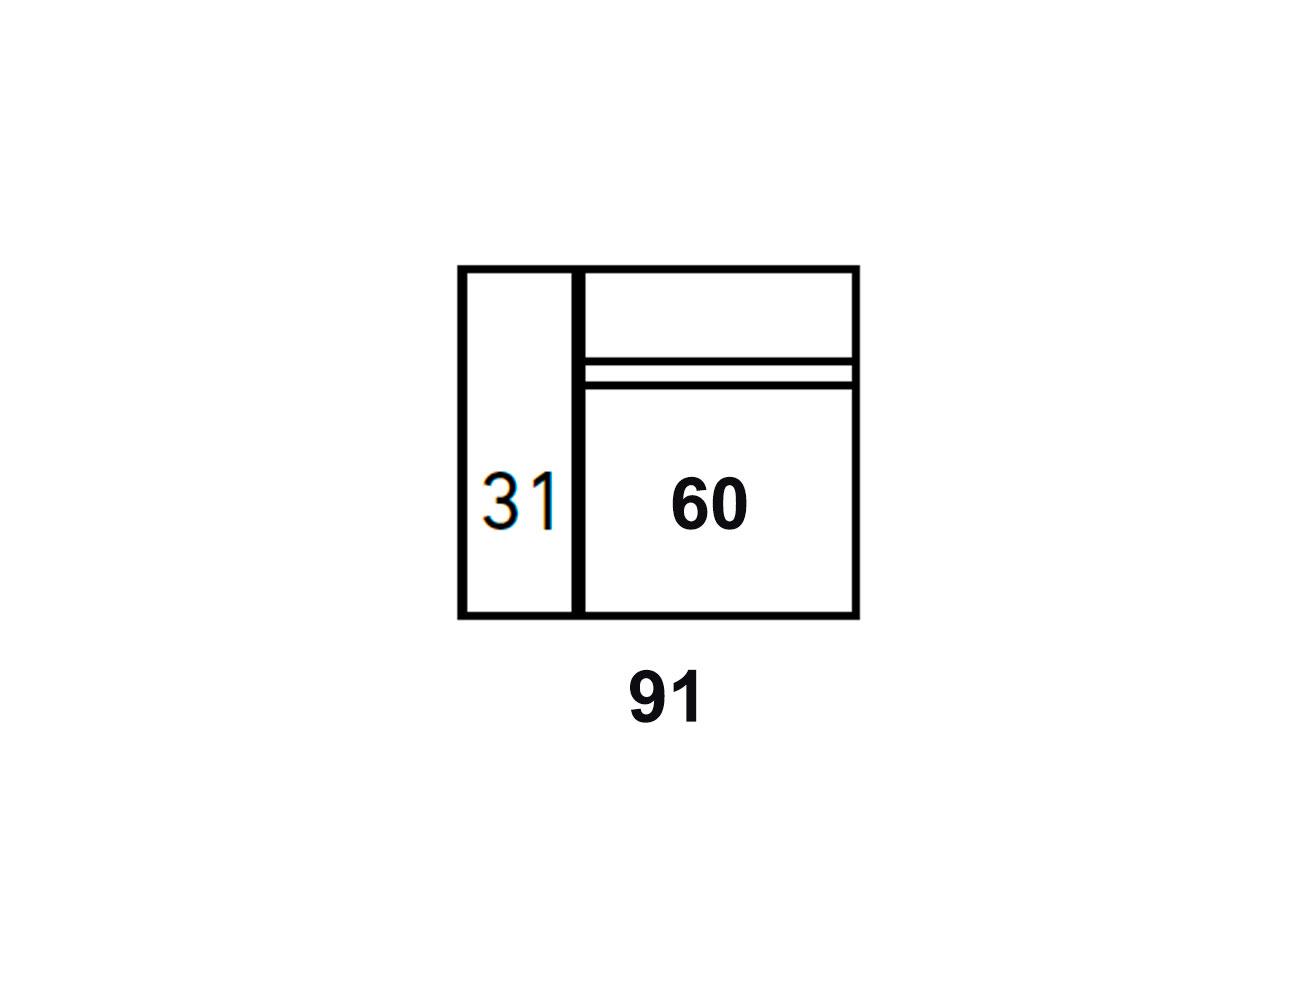 Modulo 1p 9112